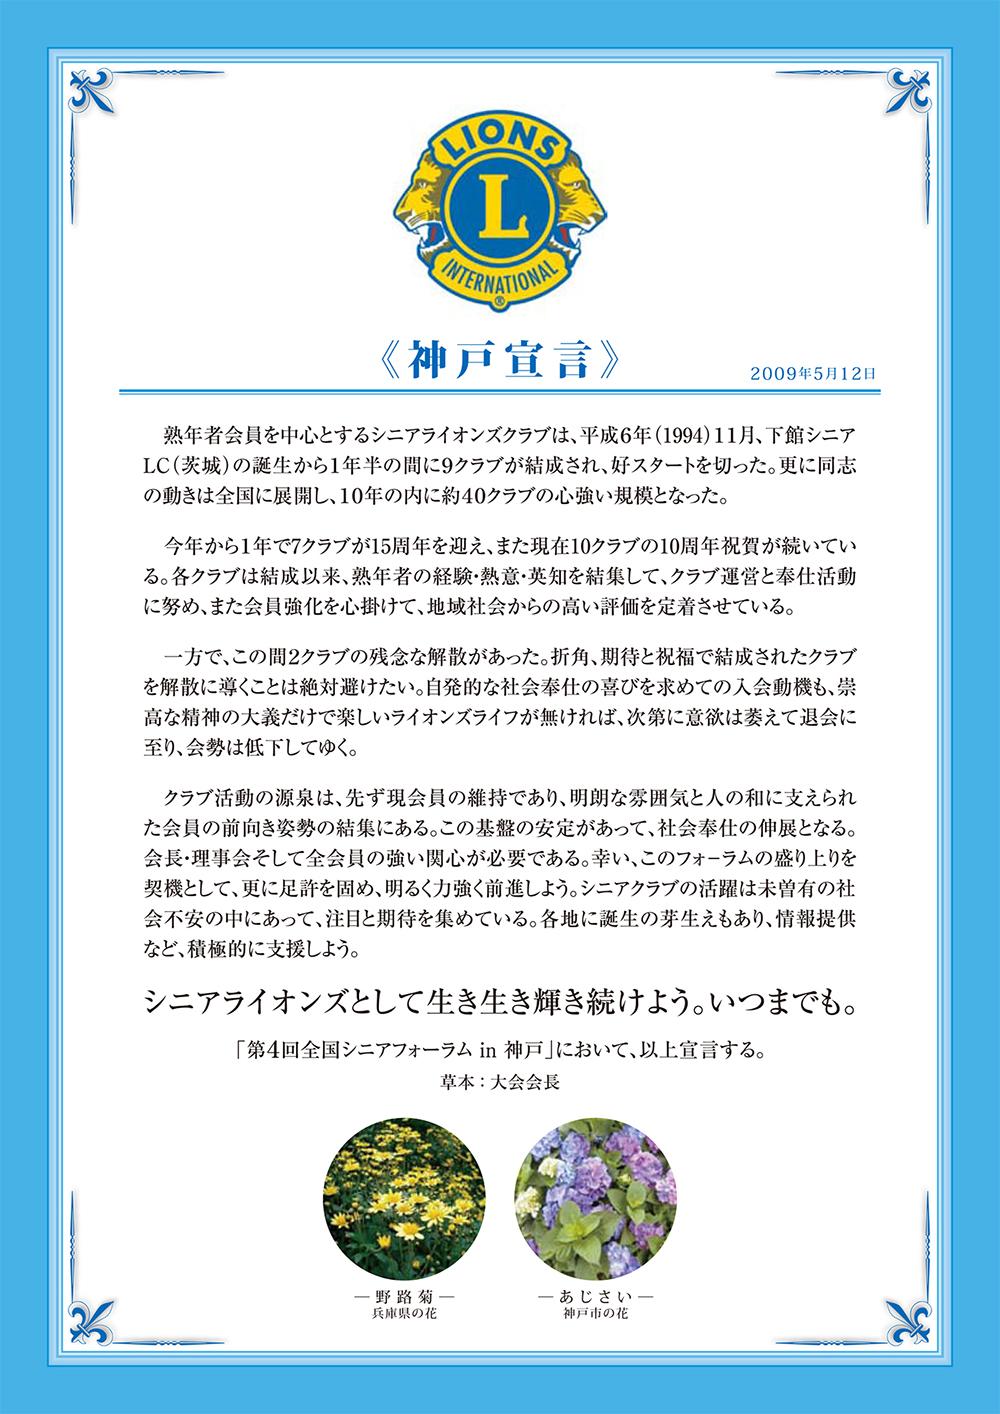 シニアライオンズクラブ冊子 神戸宣言